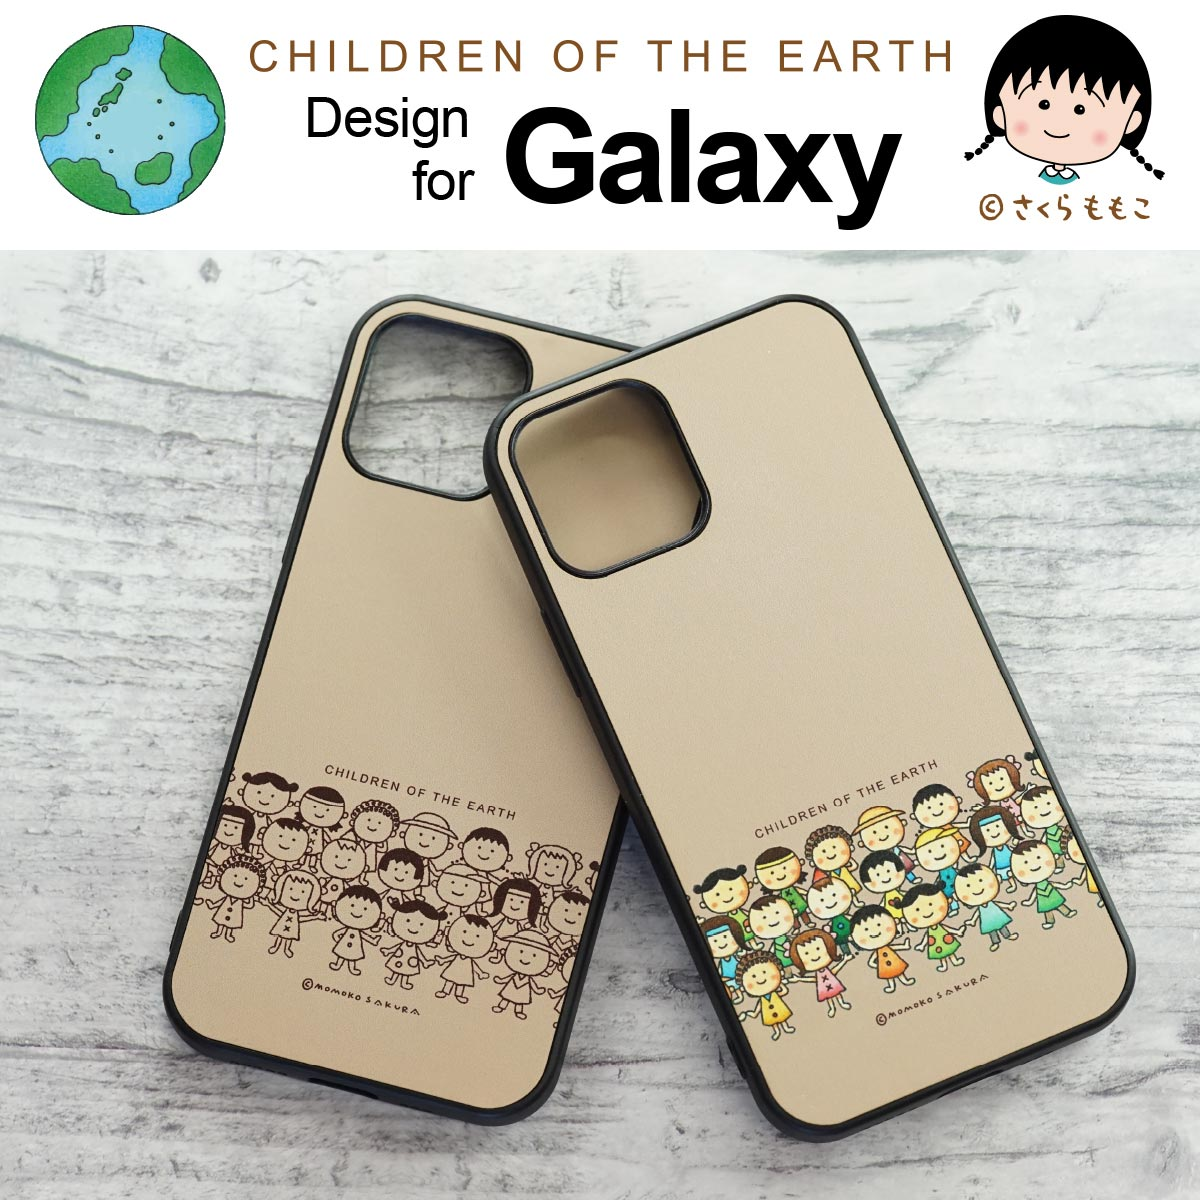 さくらももこ 地球の子供たち Galaxy ケース Note10+ S20+5G S10+ Note 20 Ultra 5G S21 S20 Ultra 5G S21 5G A32 5G カバー ハードケース ハードカバー ギャラクシー スマホケース ストラップホール シンプル メンズ レディース